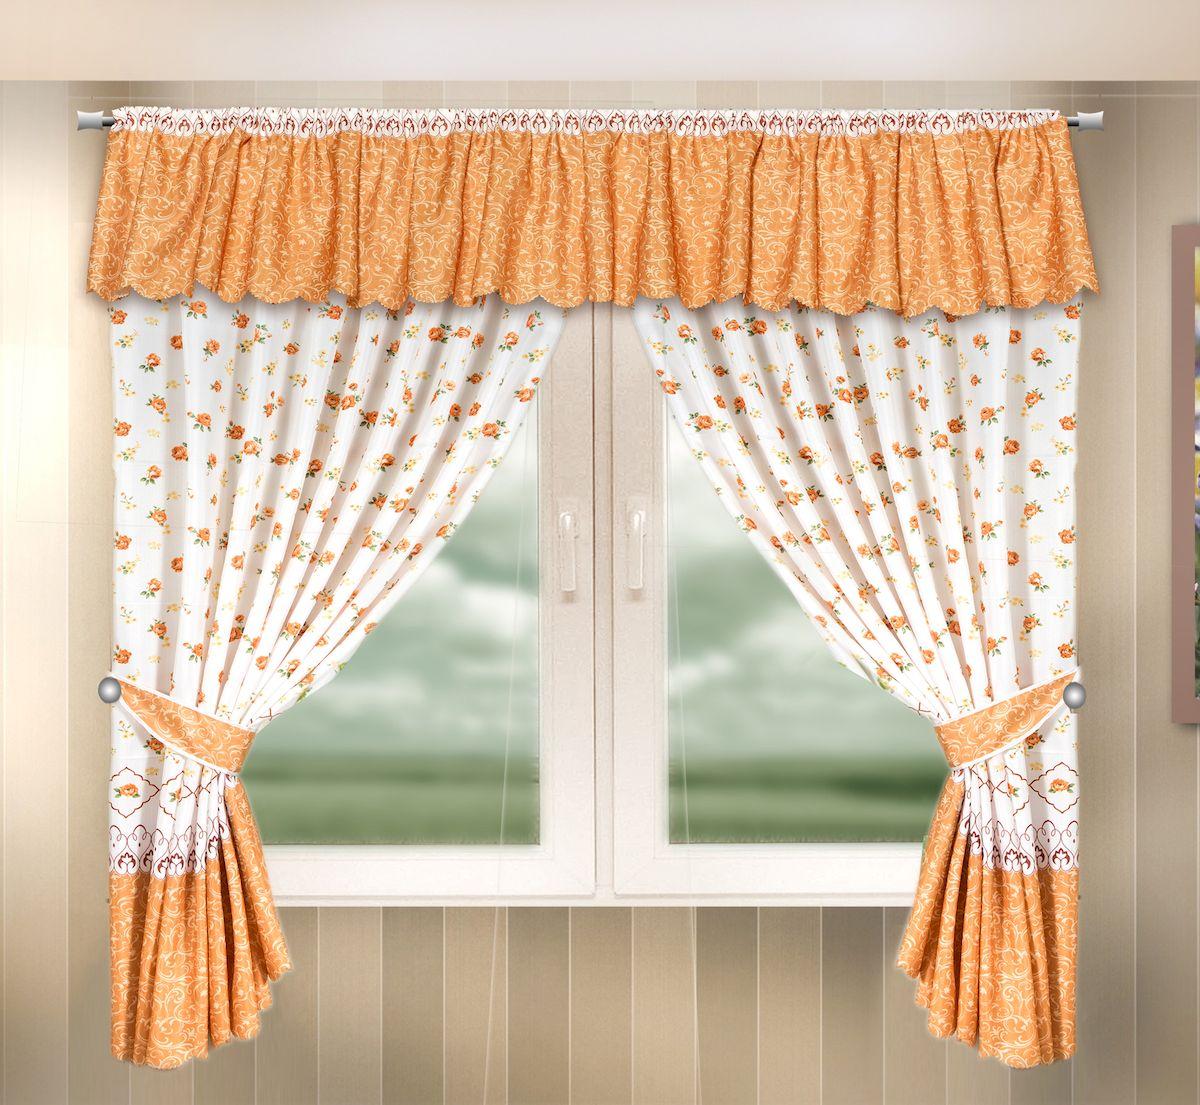 Комплект штор для кухни Zlata Korunka, на кулиске, цвет: оранжевый, высота 170 см. 333329333329Комплект штор для кухни Zlata Korunka, выполненный из полиэстера, великолепно украсит любое окно. Комплект состоит из ламбрекена, 2 штор и 2 подхватов. Цветочный рисунок и приятная цветовая гамма привлекут к себе внимание и органично впишутся в интерьер помещения. Этот комплект будет долгое время радовать вас и вашу семью! Комплект крепится на карниз при помощи кулиски. В комплект входит: Ламбрекен: 1 шт. Размер (Ш х В): 290 х 35 см. Штора: 2 шт. Размер (Ш х В): 140 х 170 см. Подхват: 2 шт.